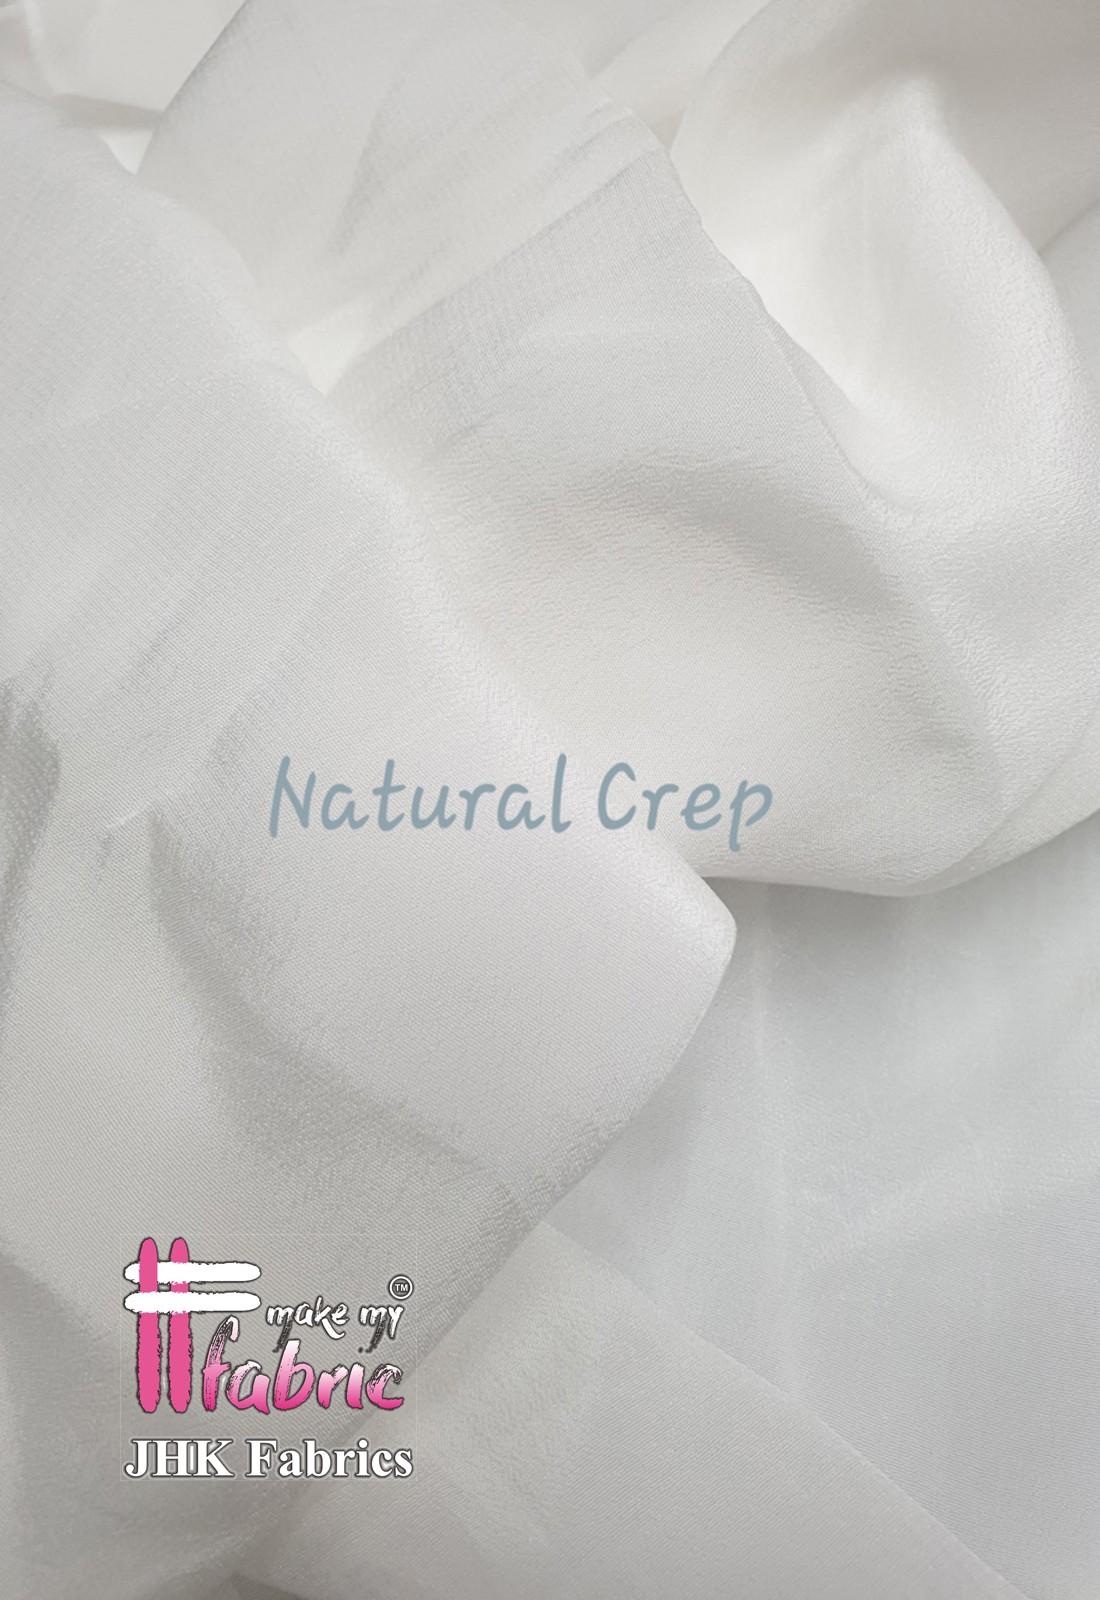 Natural Crape